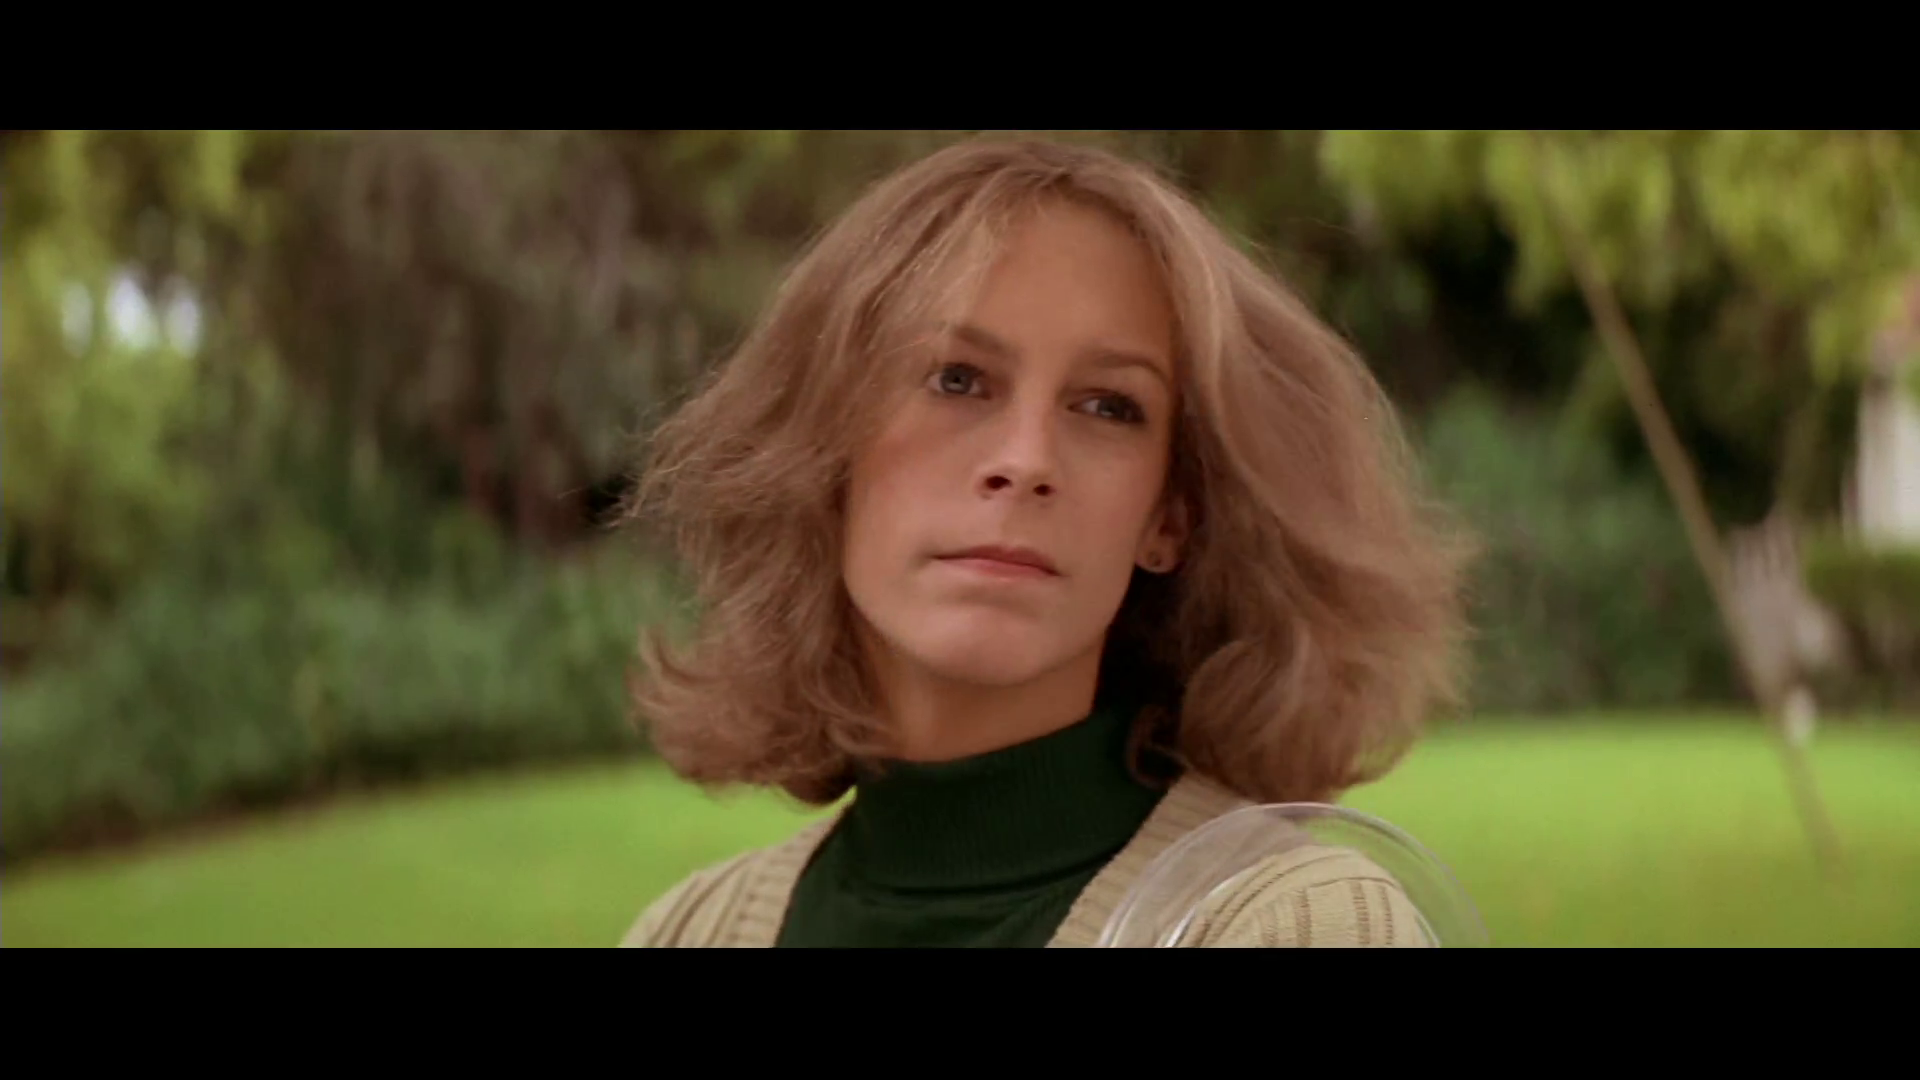 Jamie Lee Curtis dans le film Halloween (La nuit des masques, 1978) de John Carpenter